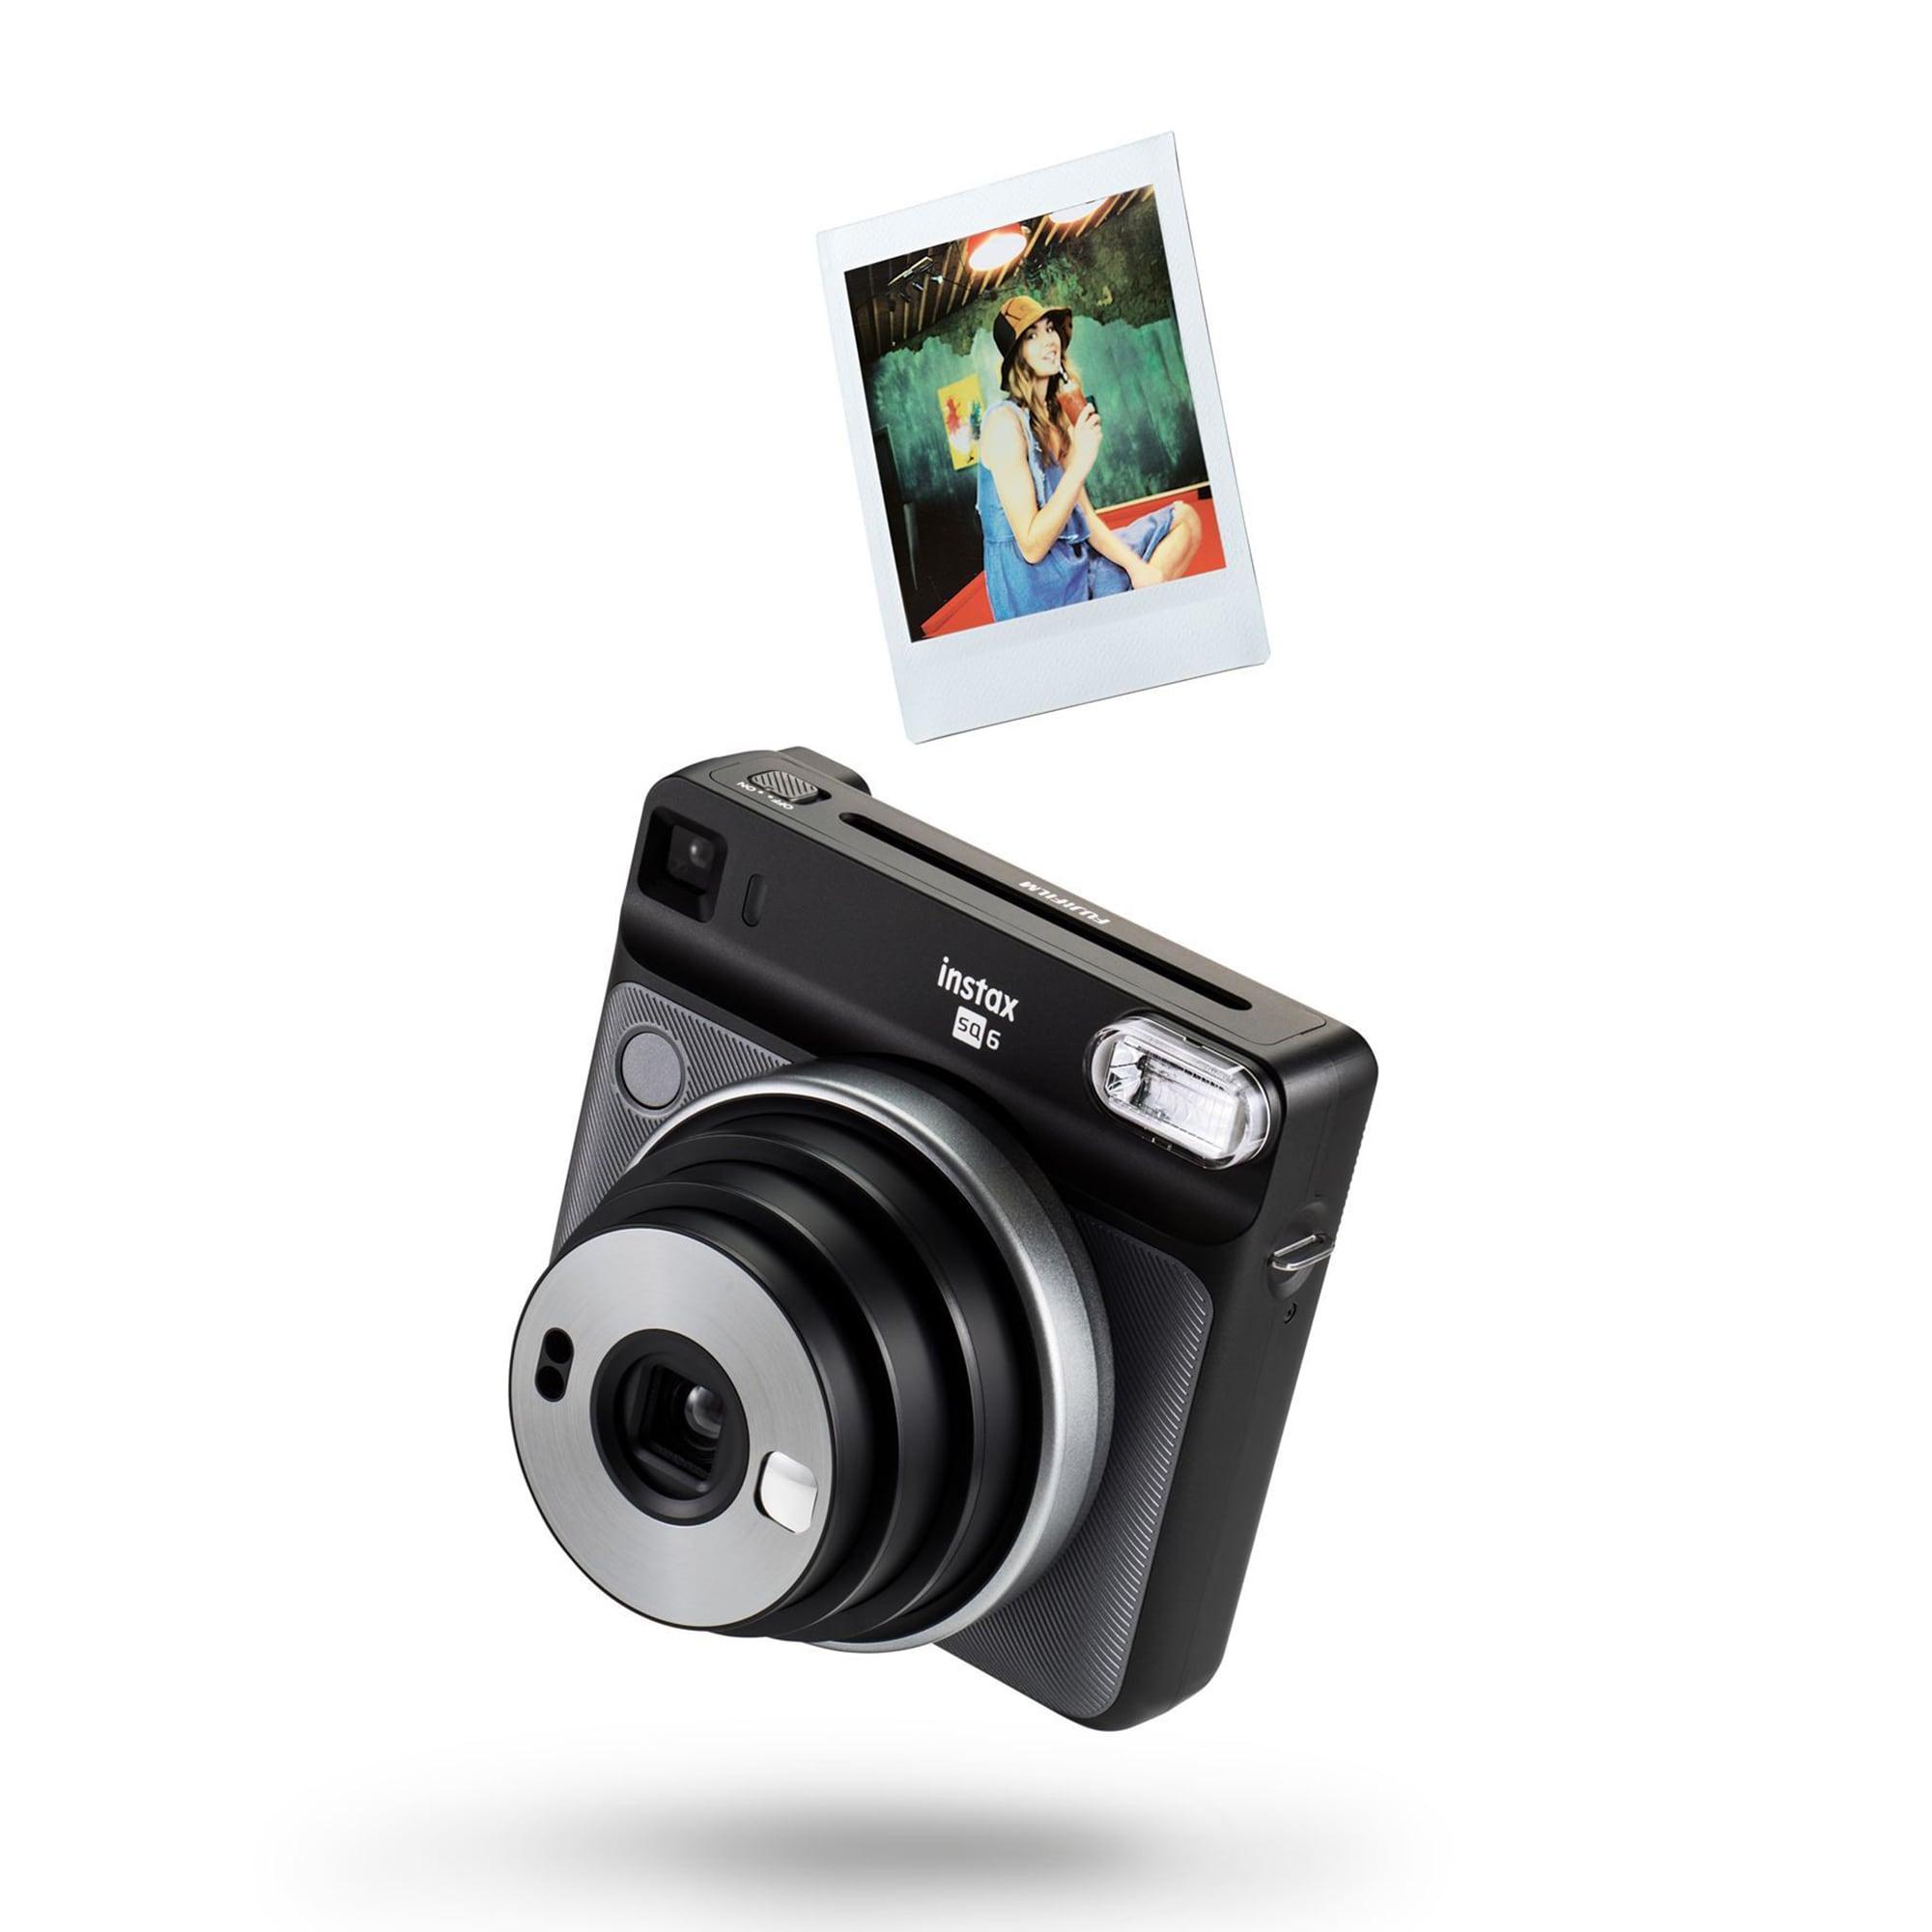 Fujifilm Instax SQ6 Graphite Gray